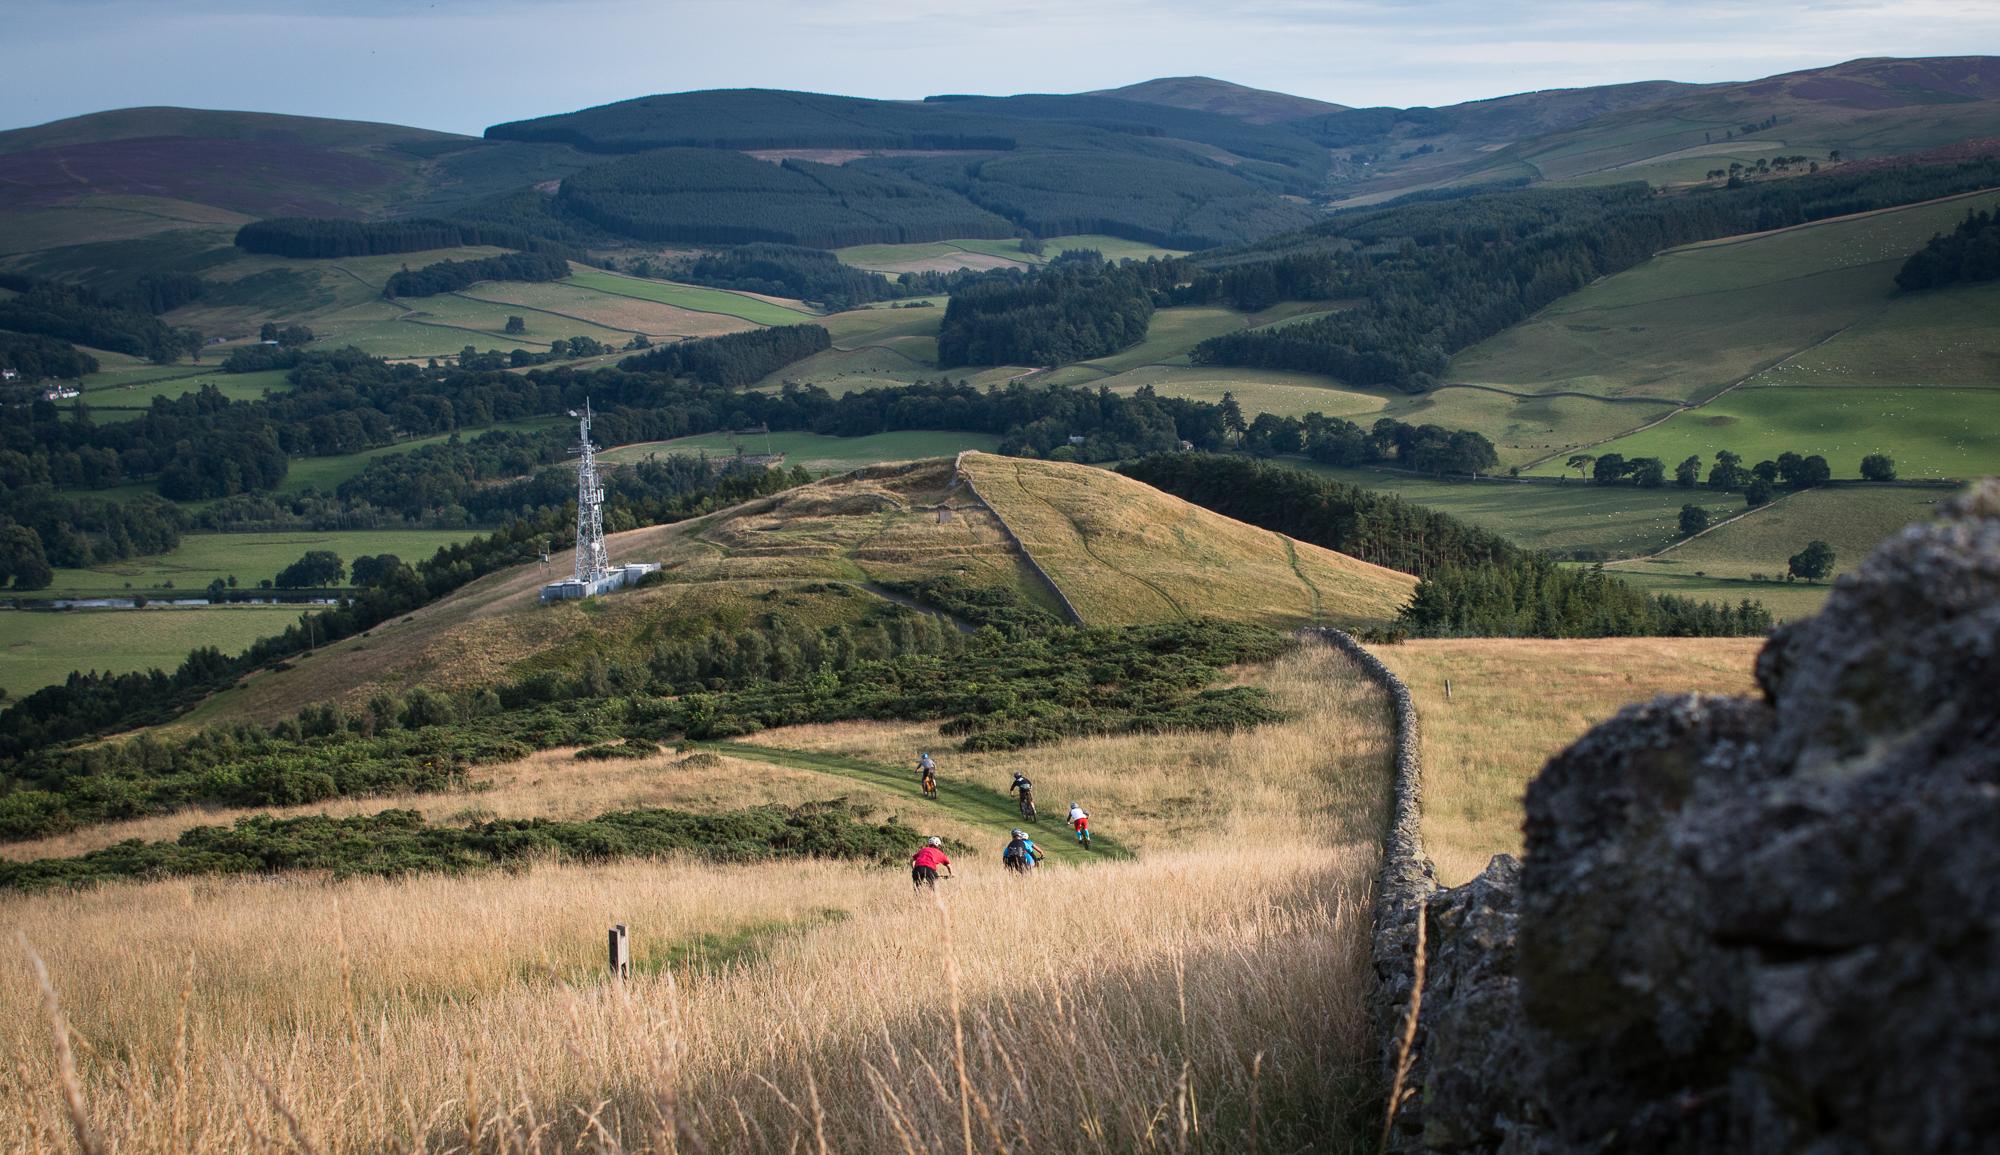 tweed valley images-1.jpg